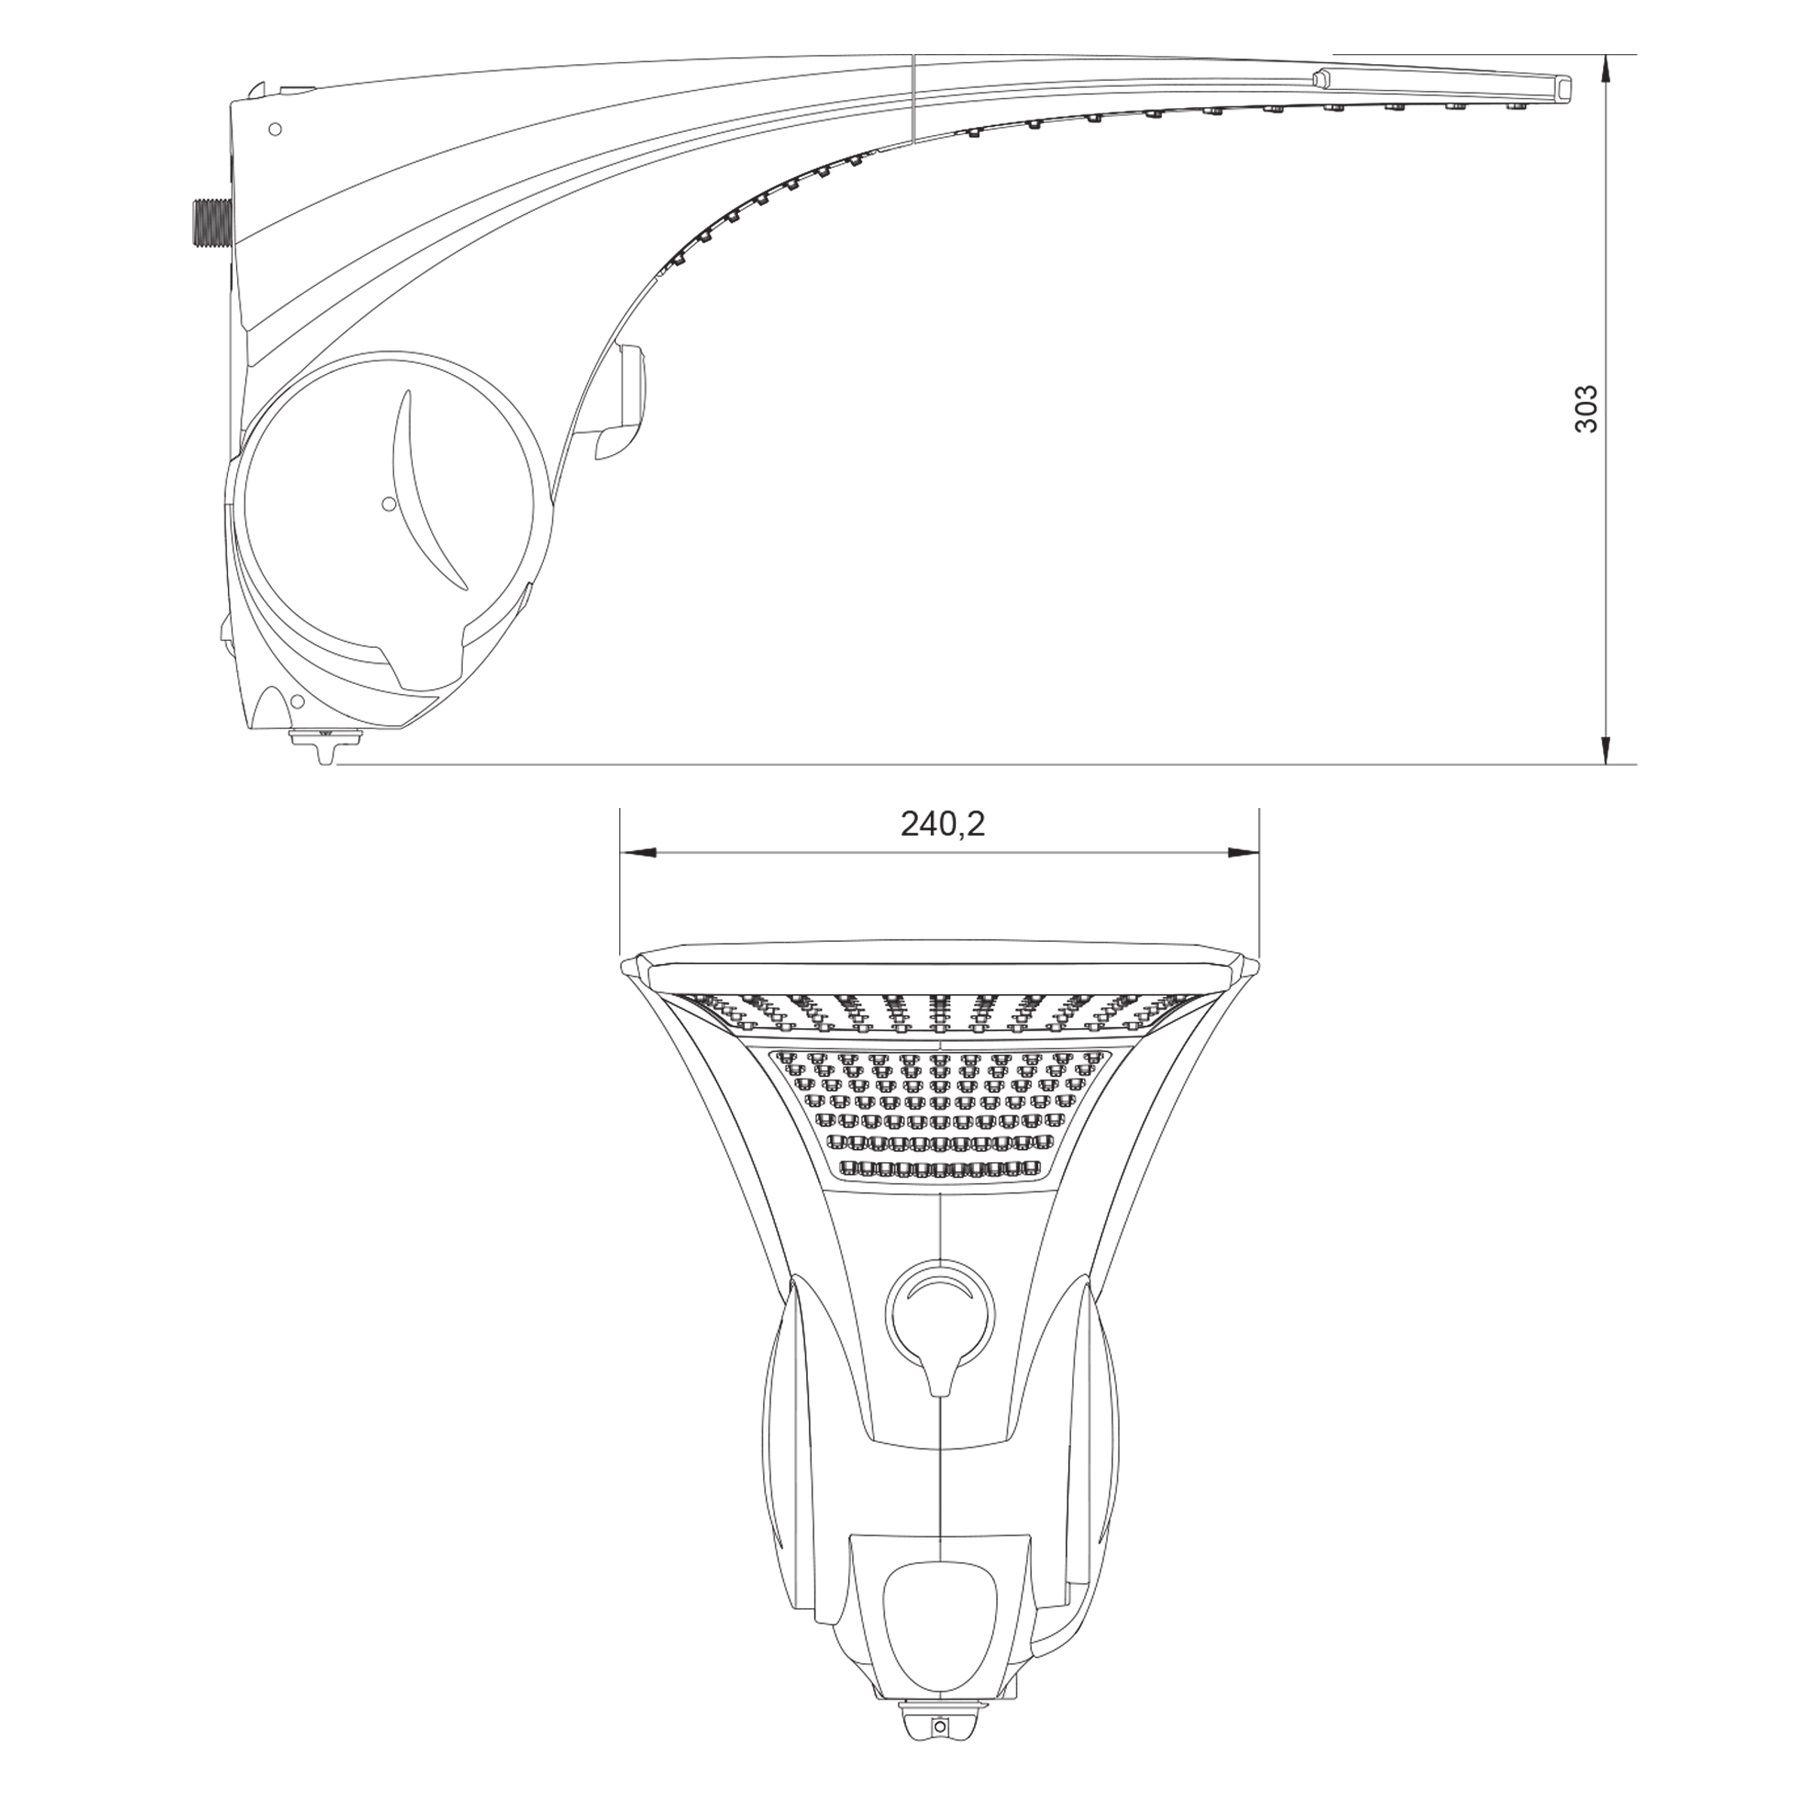 Chuveiro Pressurizado Lorenzetti Duo Shower Quadra Multitemperatura 220V 7500W Branco